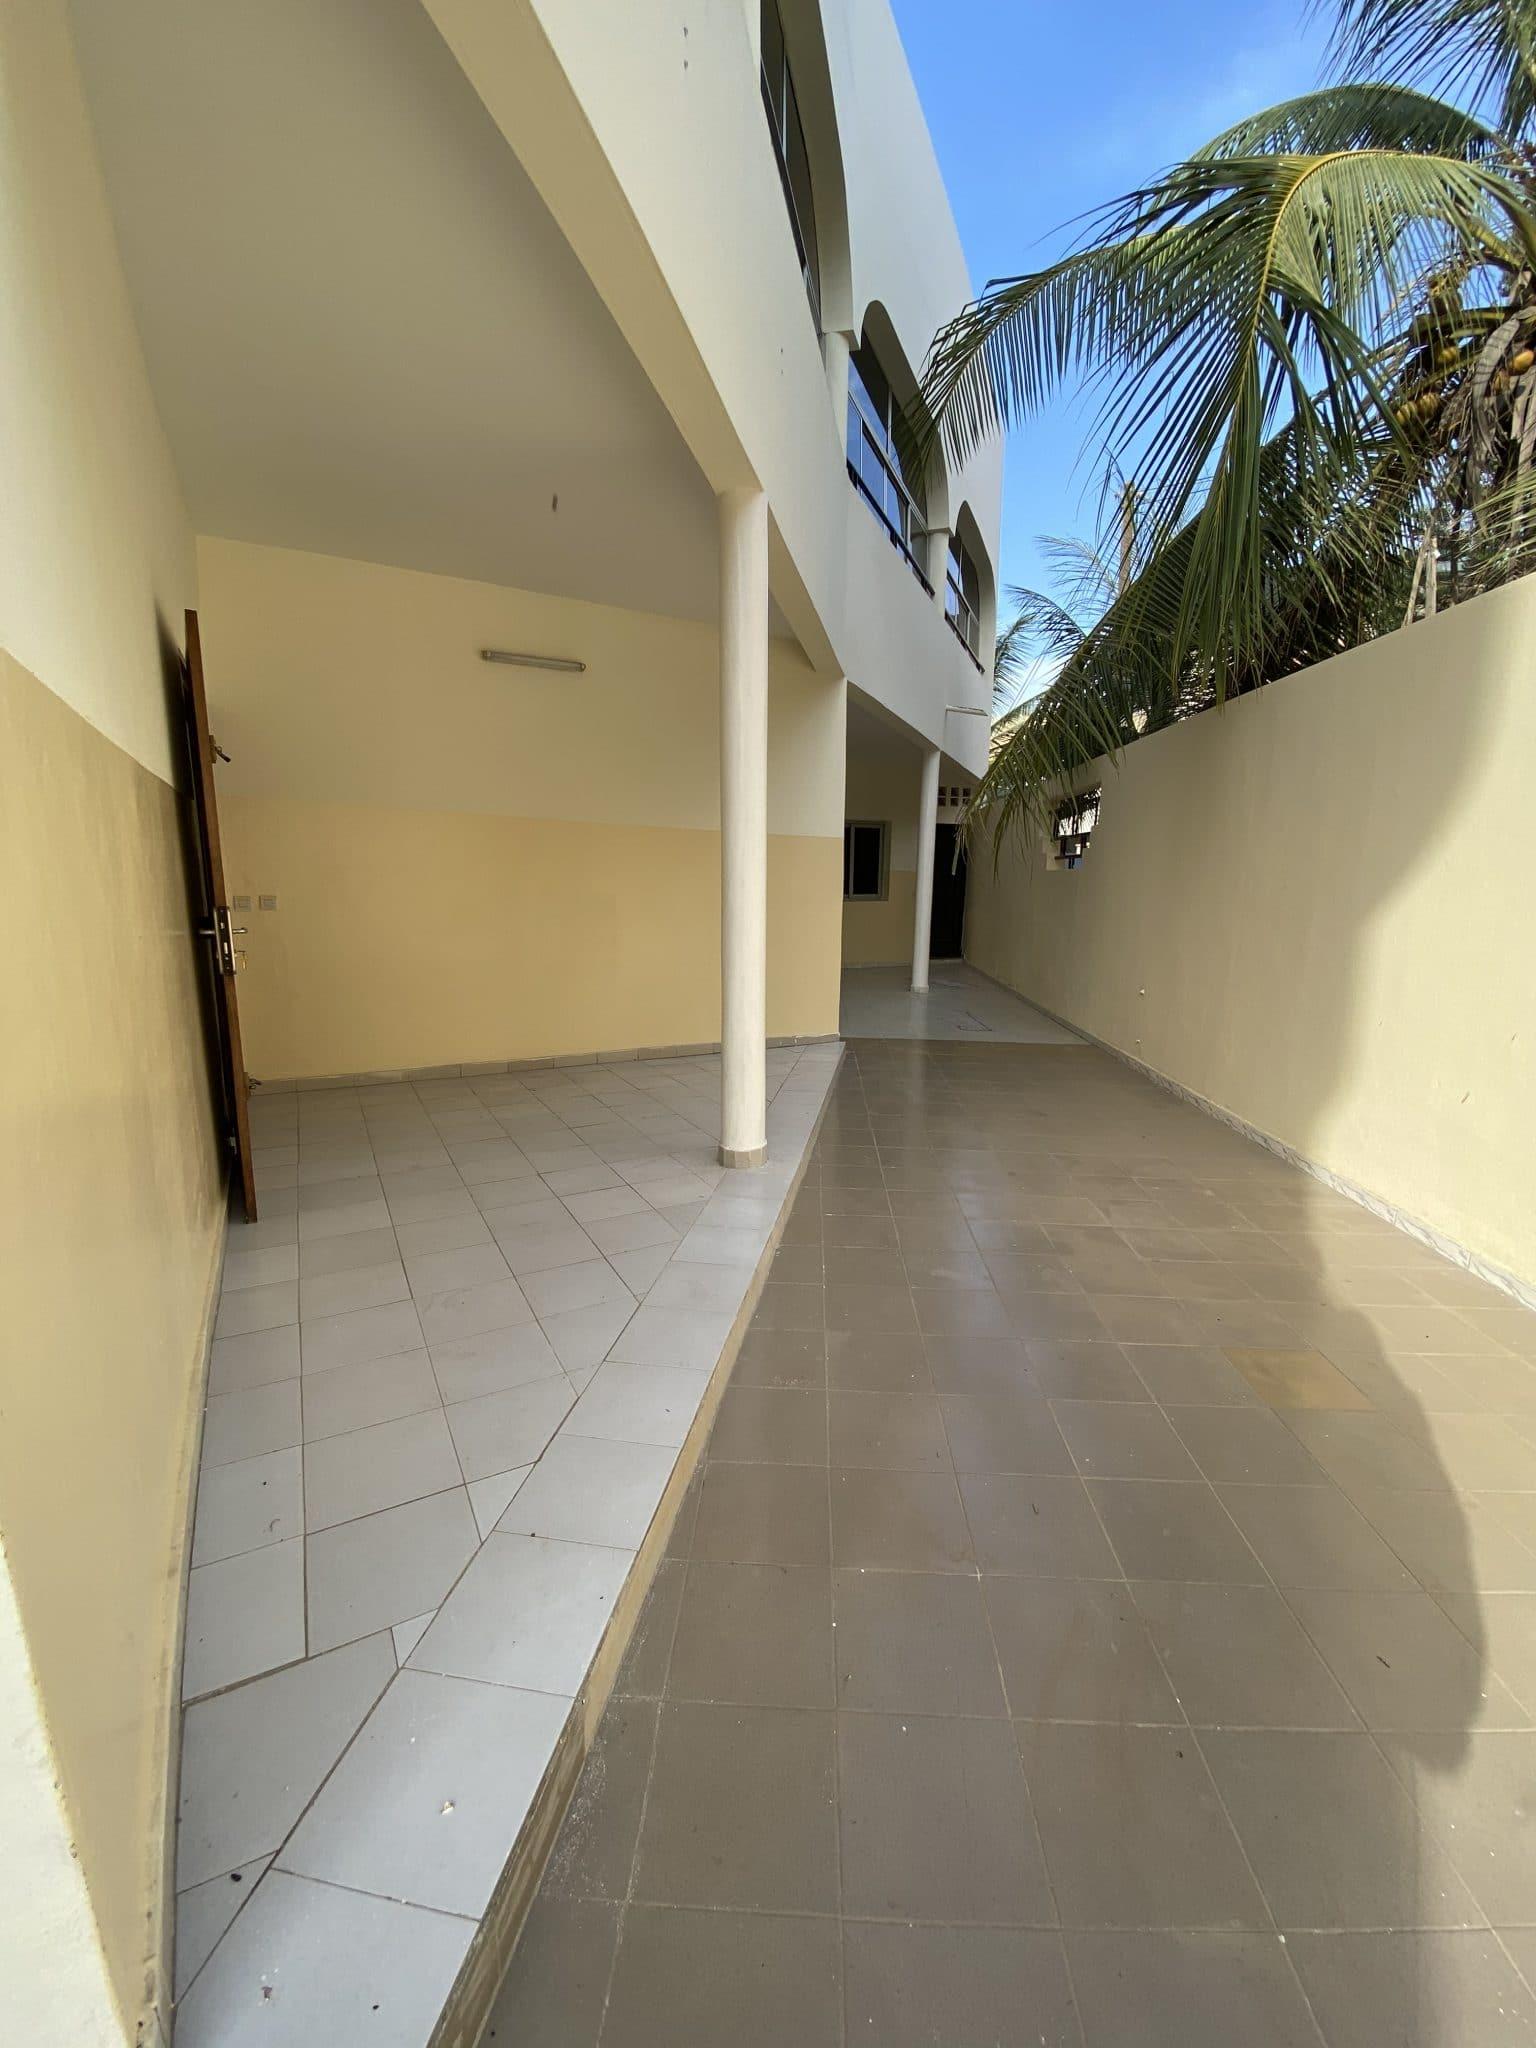 Maison à louer Dakar VDN